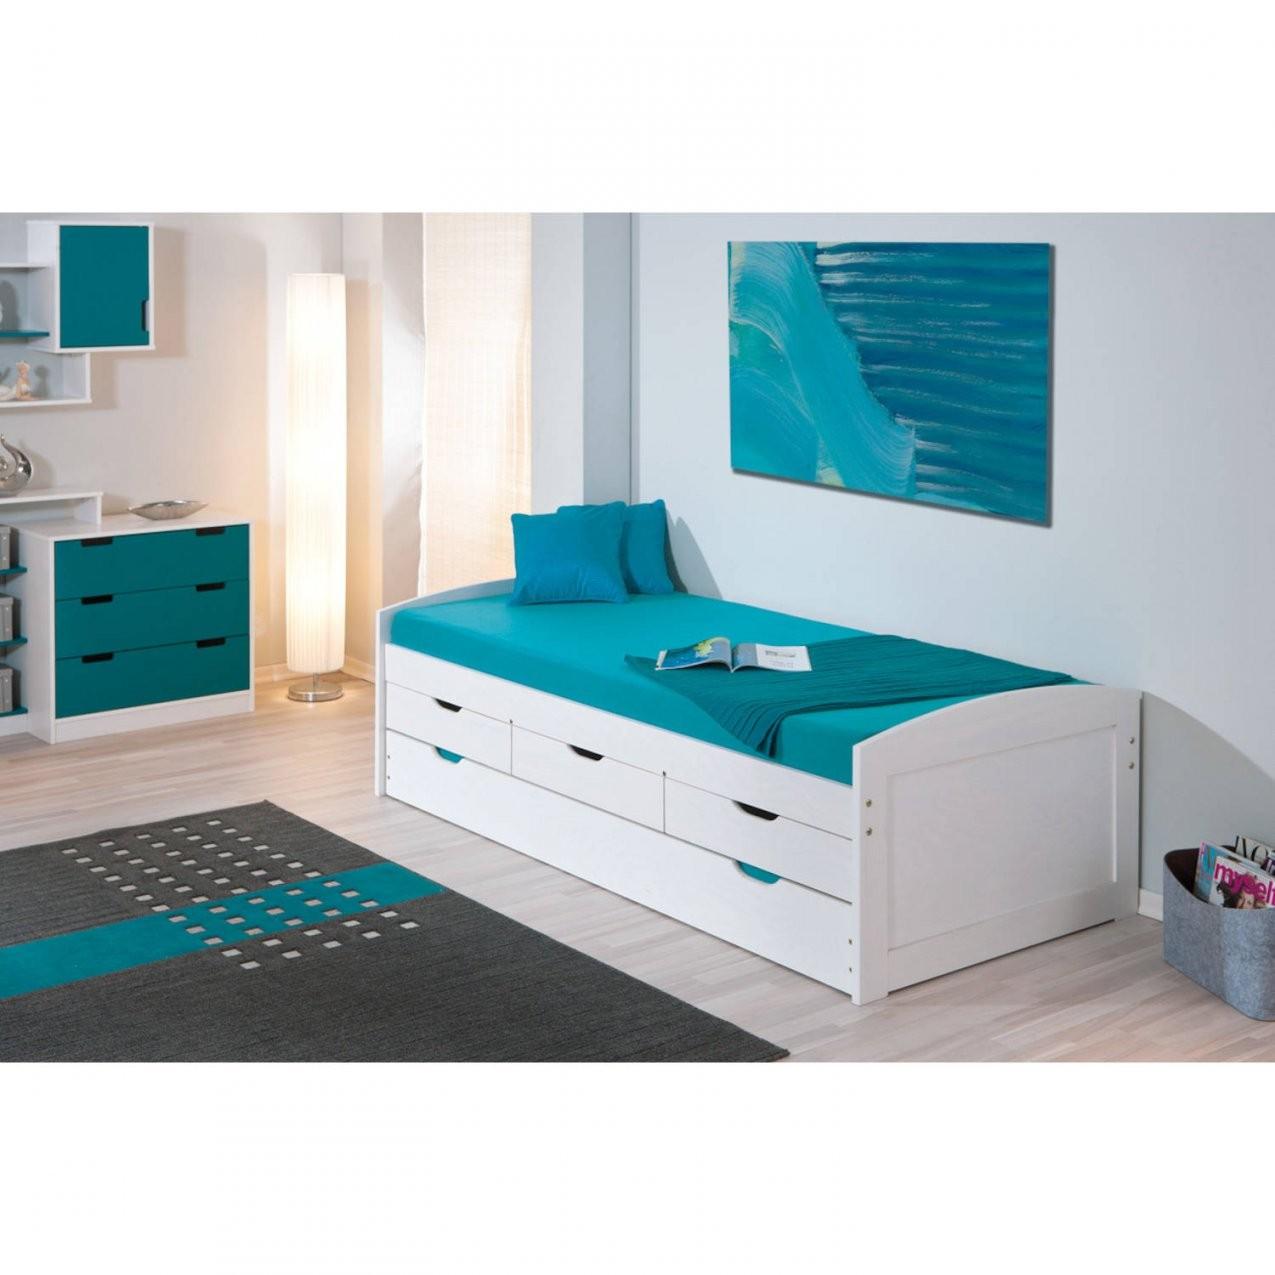 Bett 90X190 Cm Kinderbett Funktionsbett Kojenbett Gästebett Weiß von Bett Mit Gästebett Und Schubladen Bild